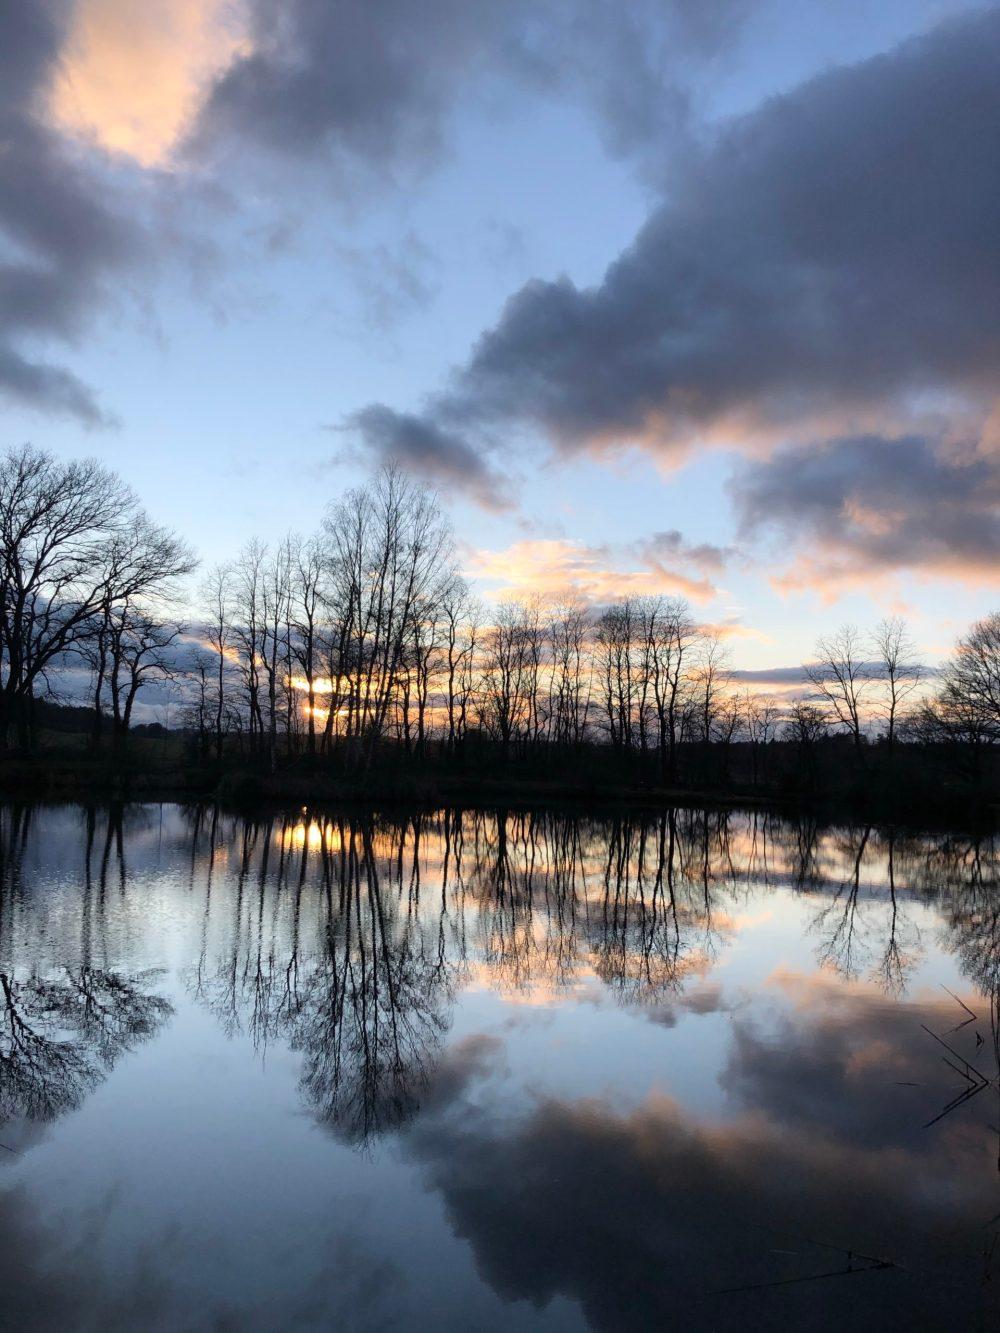 Himmel spiegelt sich auf der glatten Oberfläche des Gewässers wider